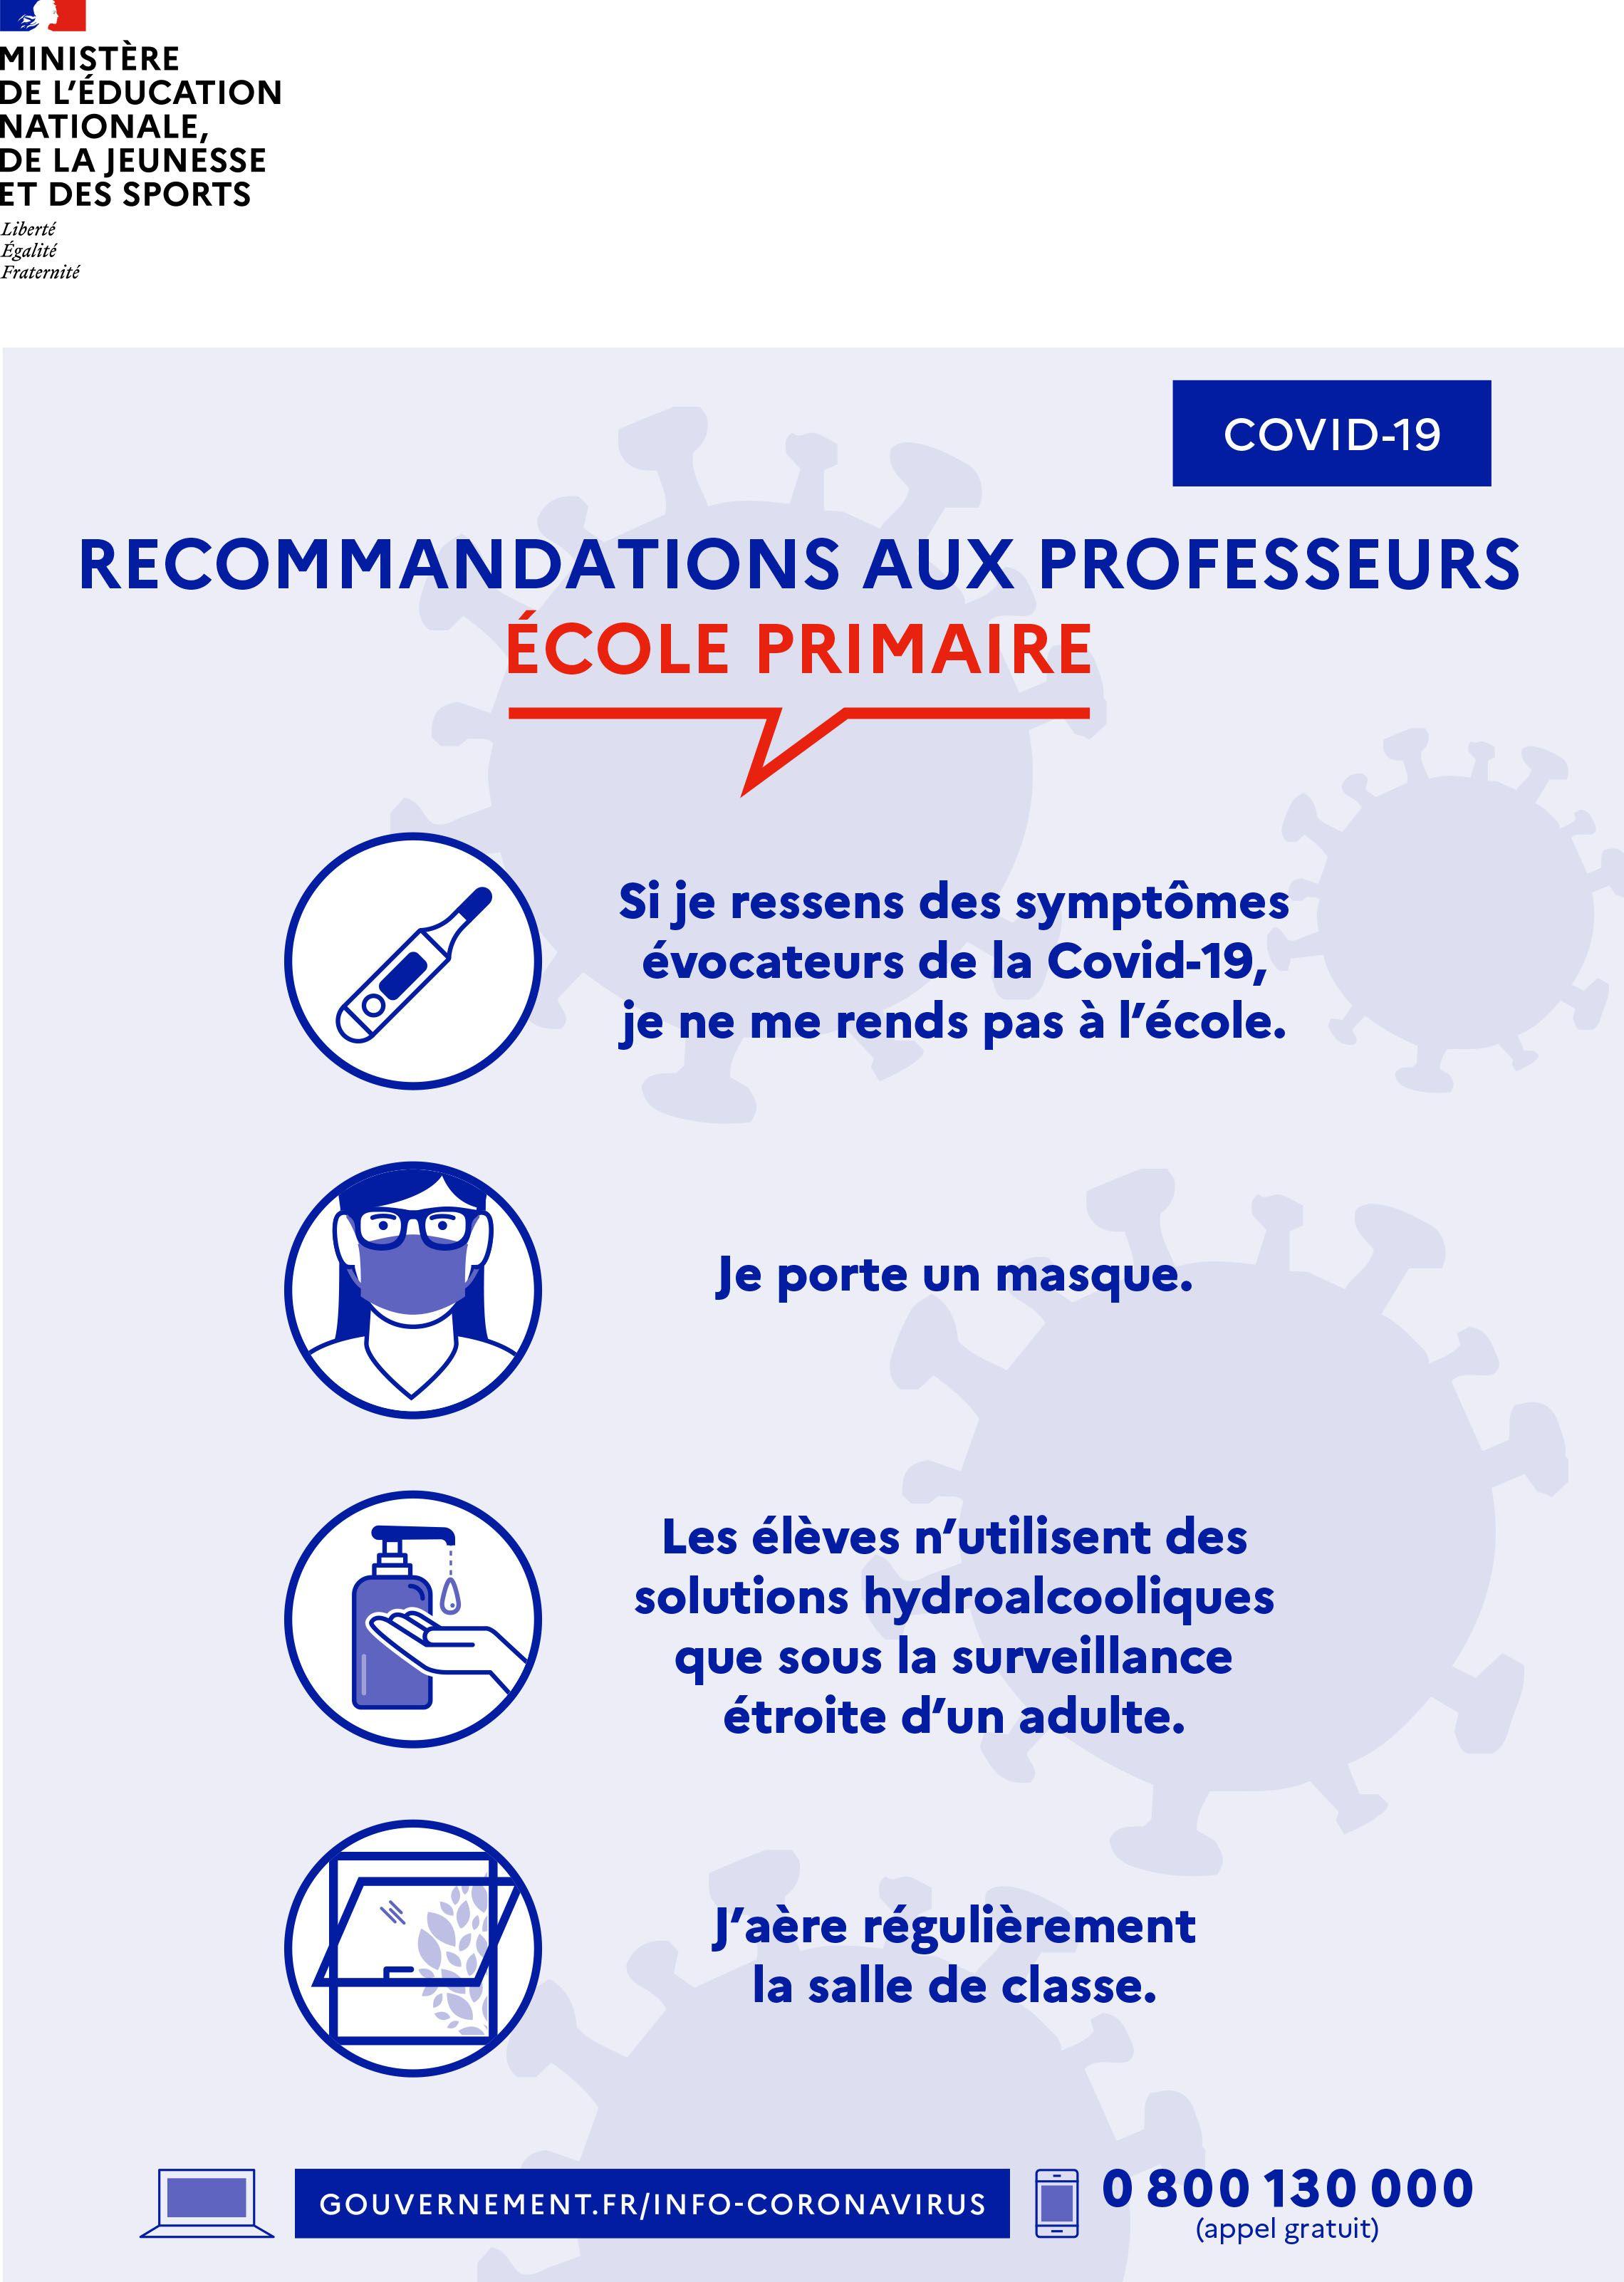 Rentree 2020 Recommandations Aux Professeurs Ecole Primaire Ecole Primaire Ecole Scolaire